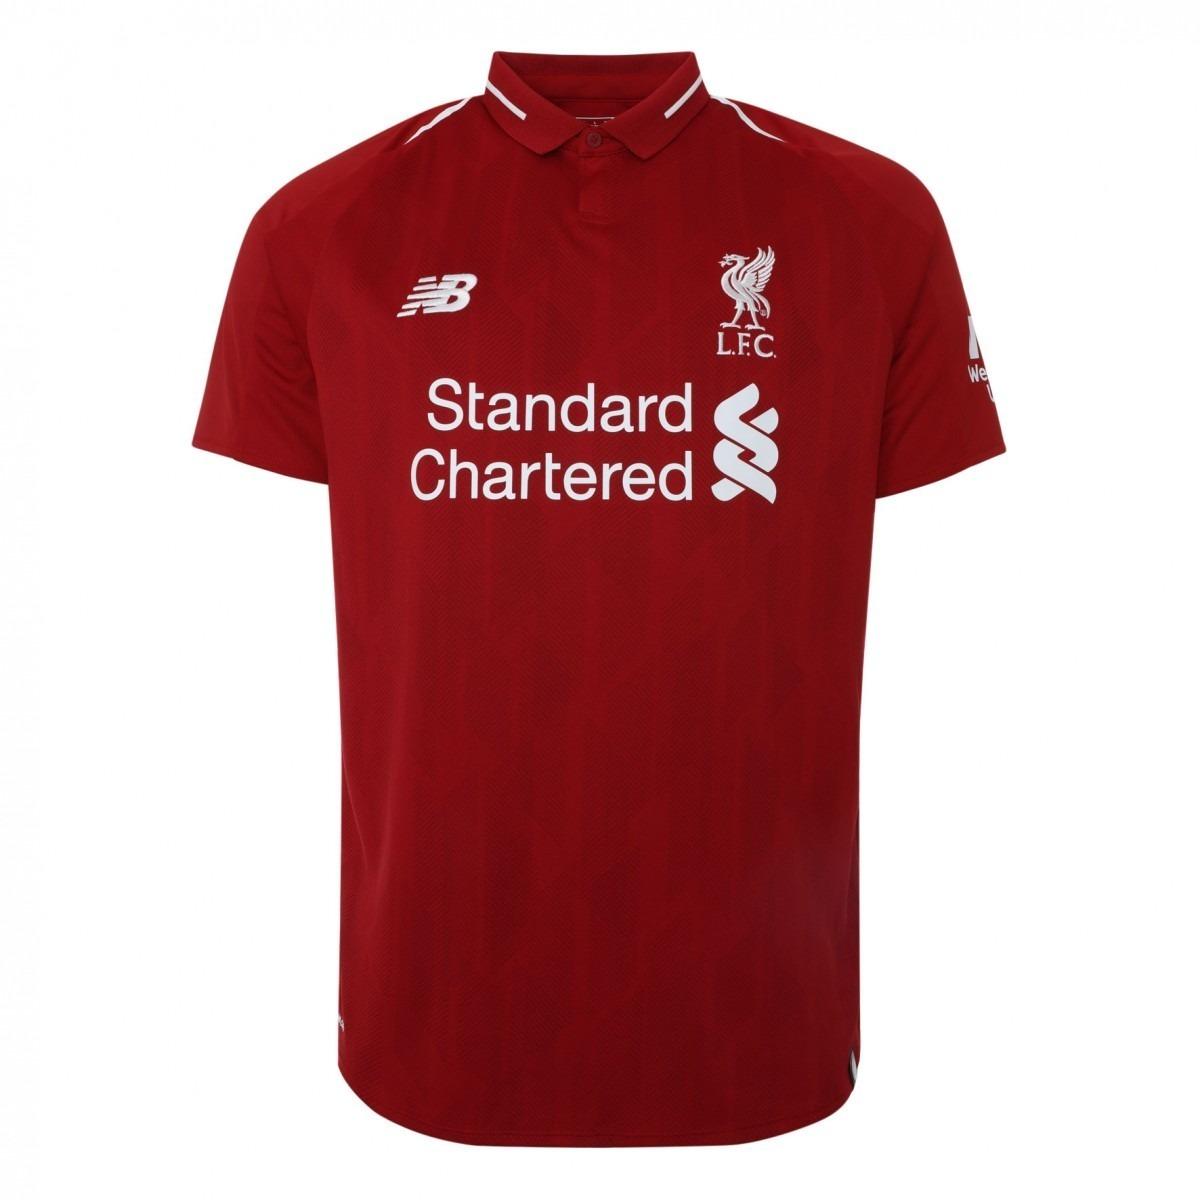 b50ade43dc Nova Camisa Liverpool 18/19 Original New Balance Oficial !! - R$ 120,00 em  Mercado Livre